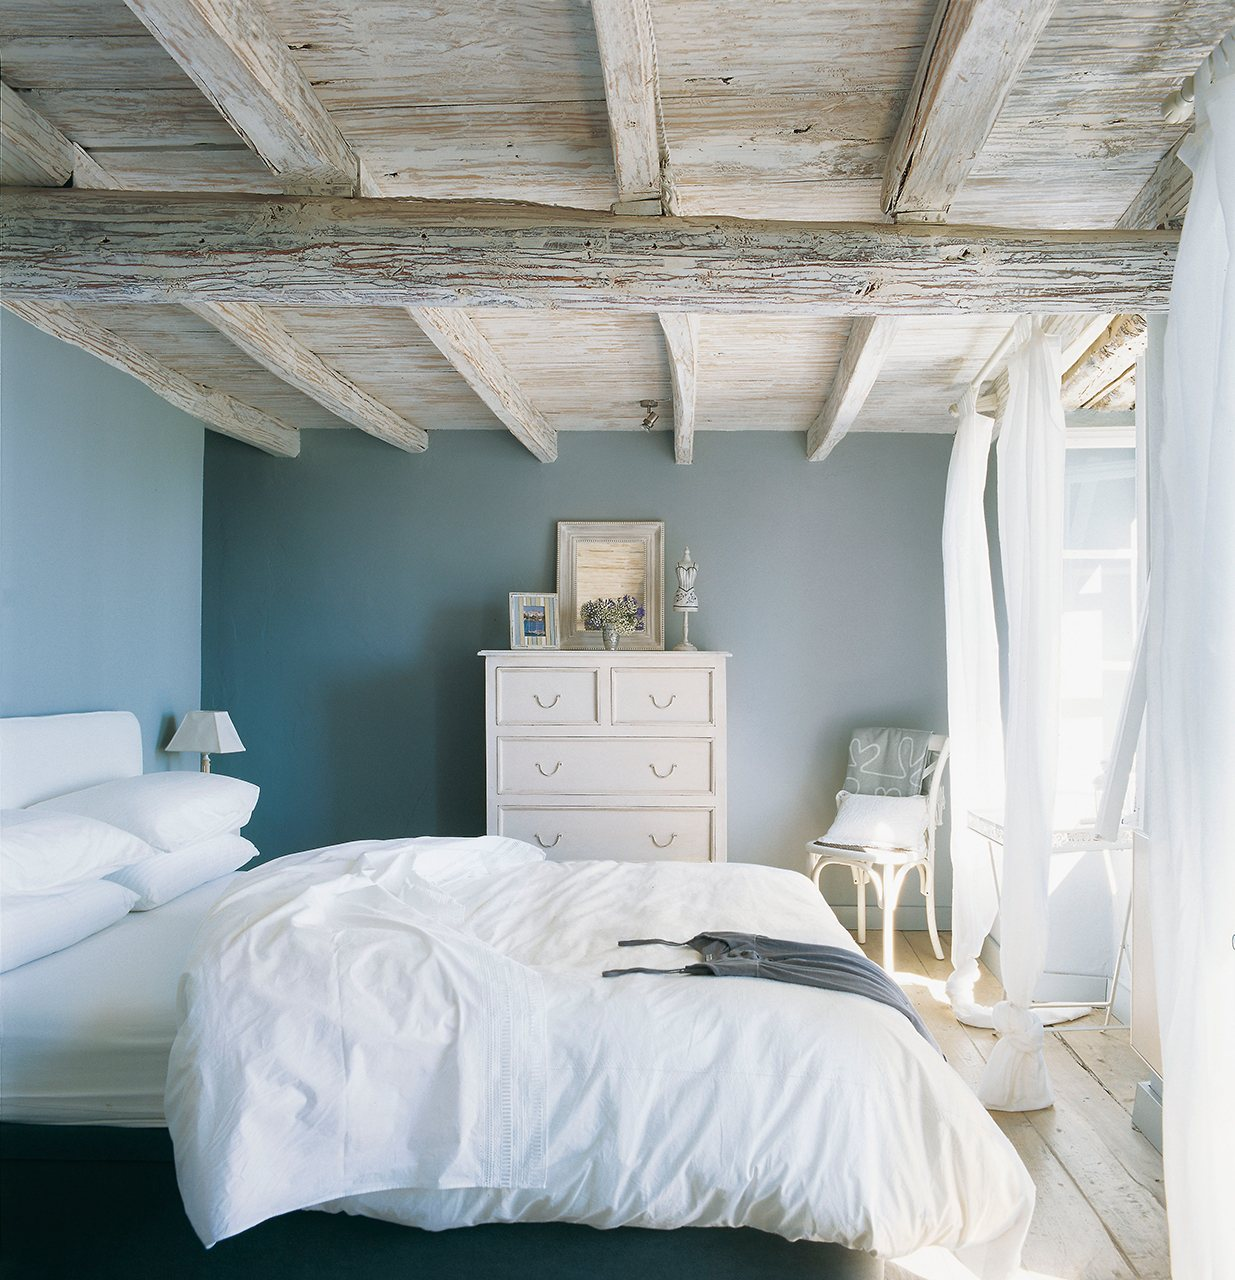 Transforma tu casa con la pintura - Pintar madera de blanco ...